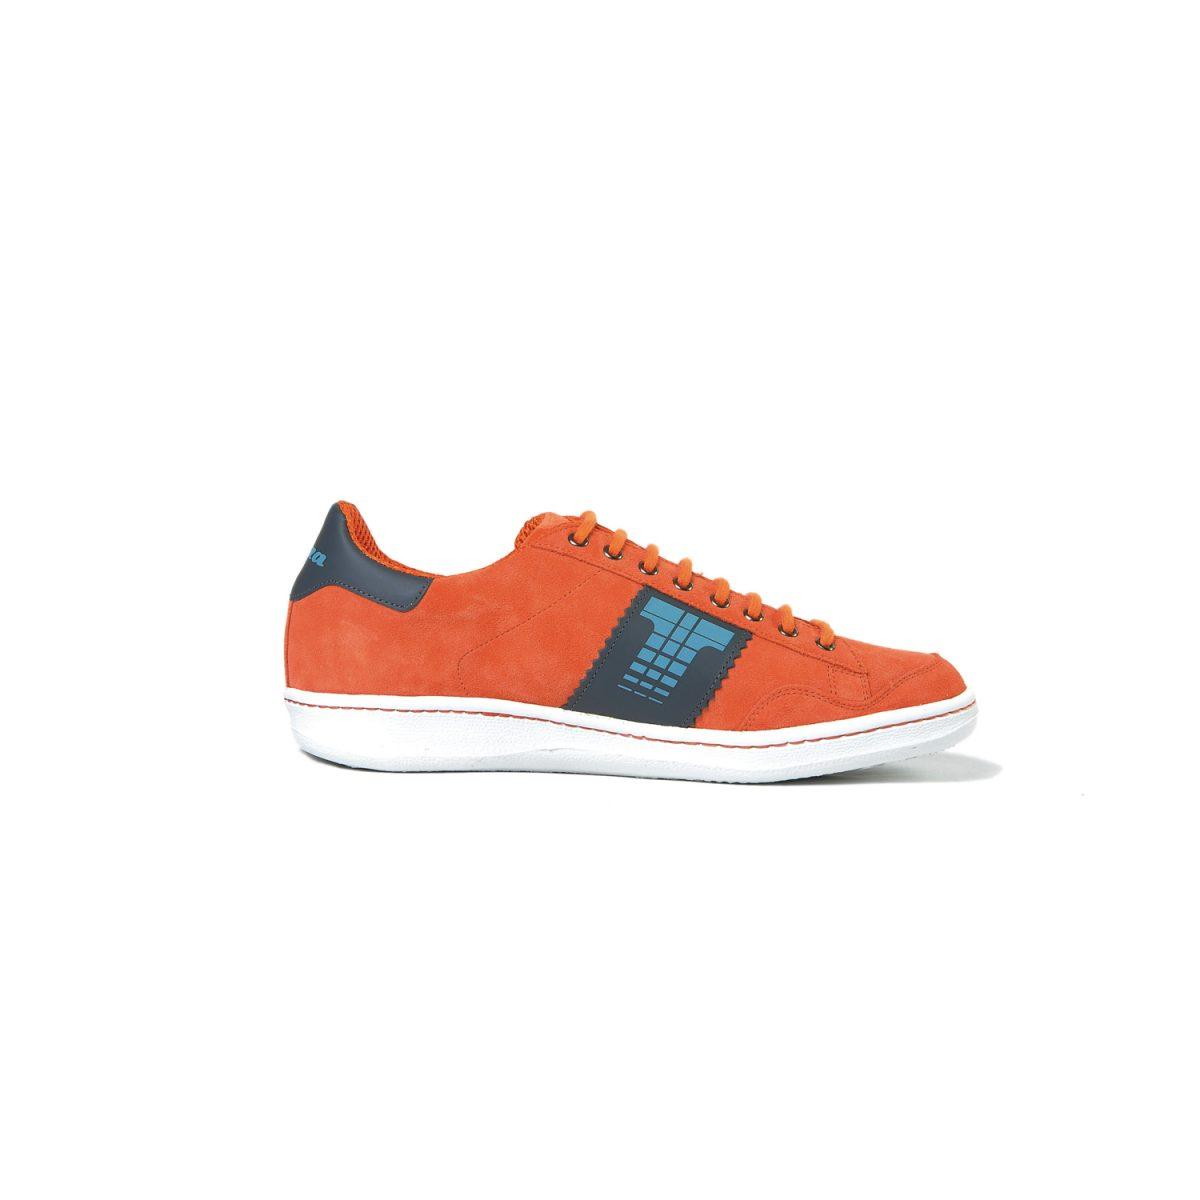 Tisza cipő - Derby - Narancs-szürke